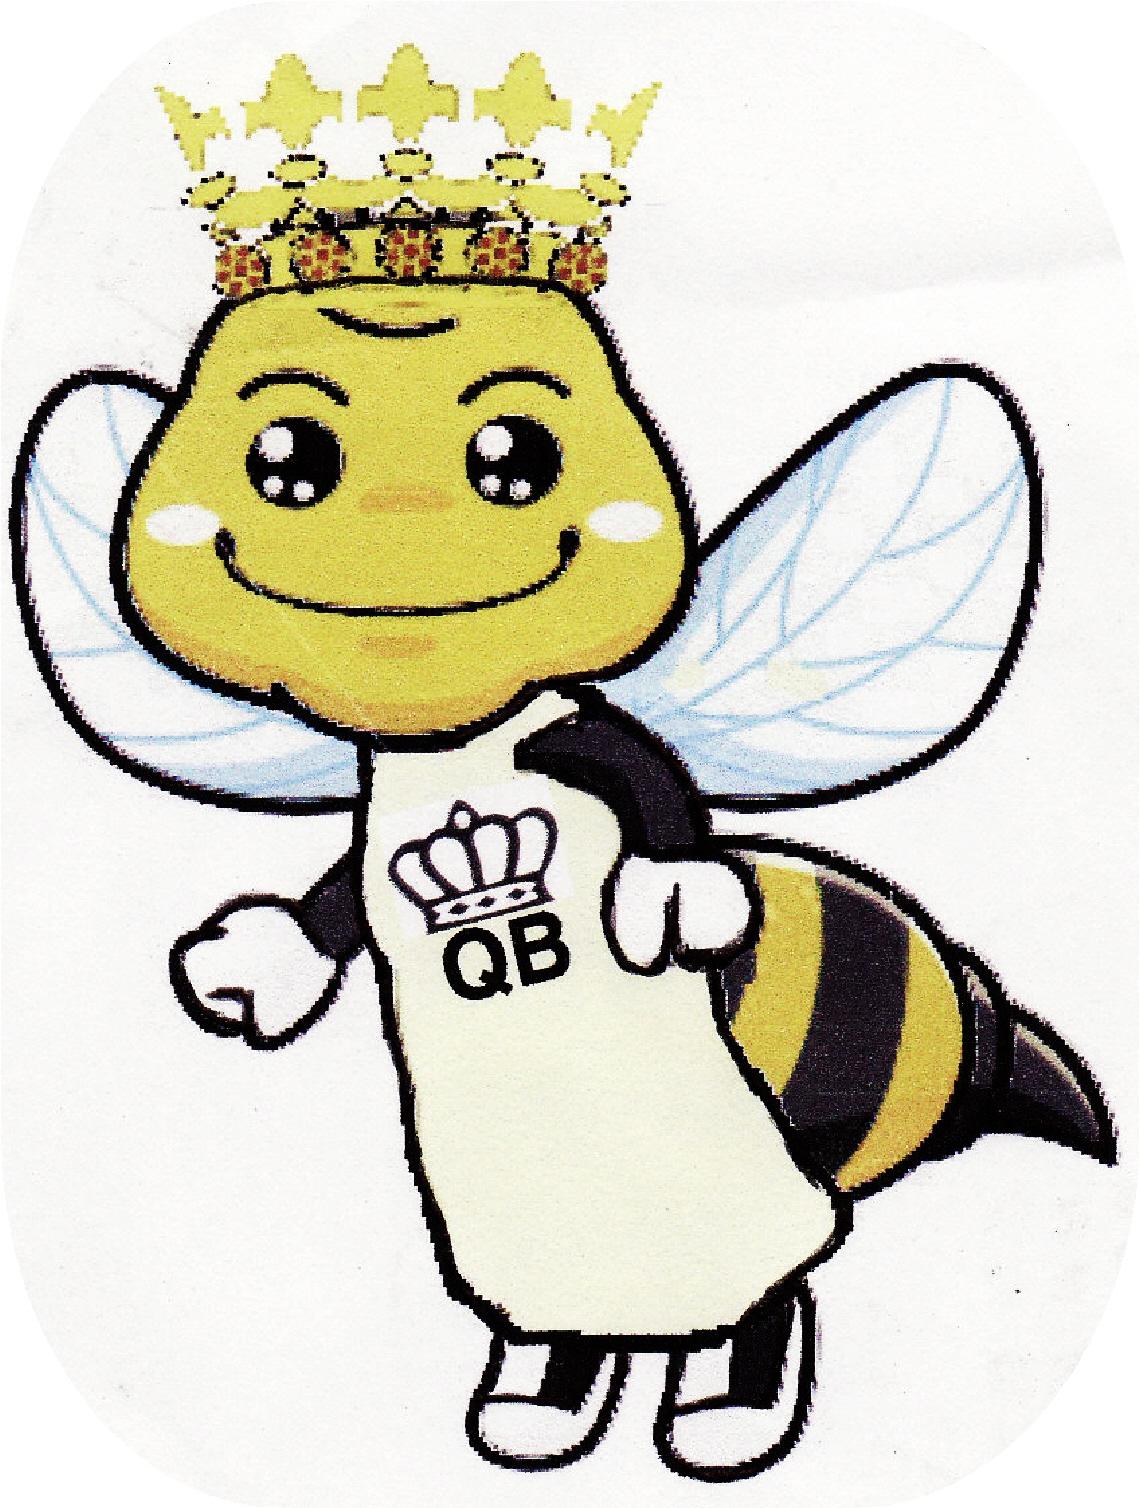 clipart queen bee - photo #33